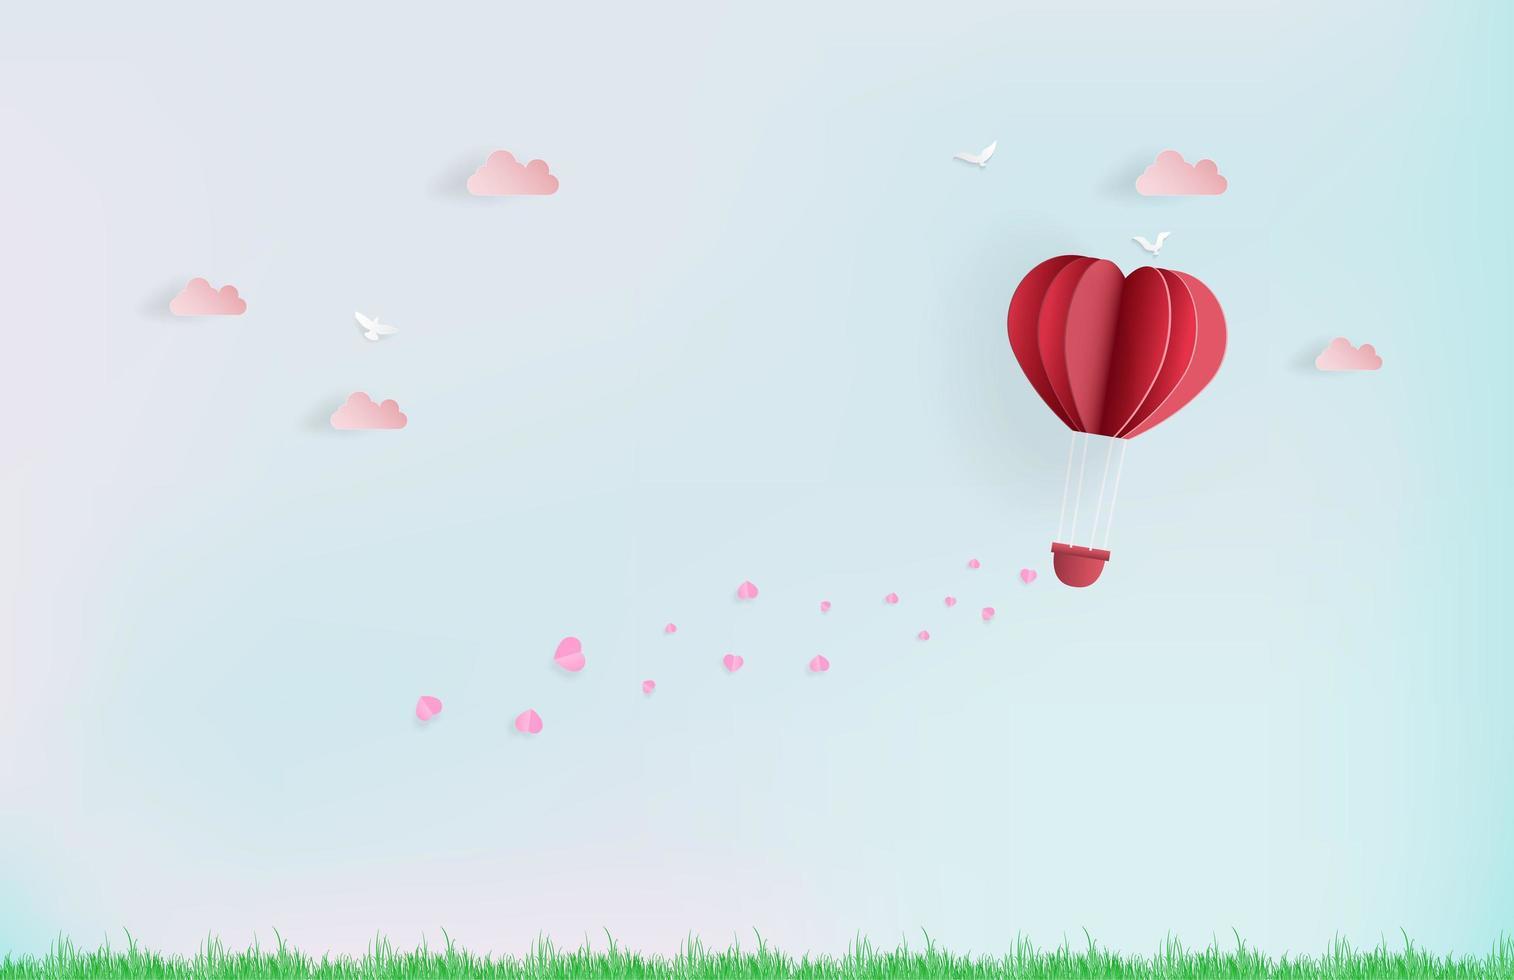 balão voando no céu com corações rosa e nuvens vetor